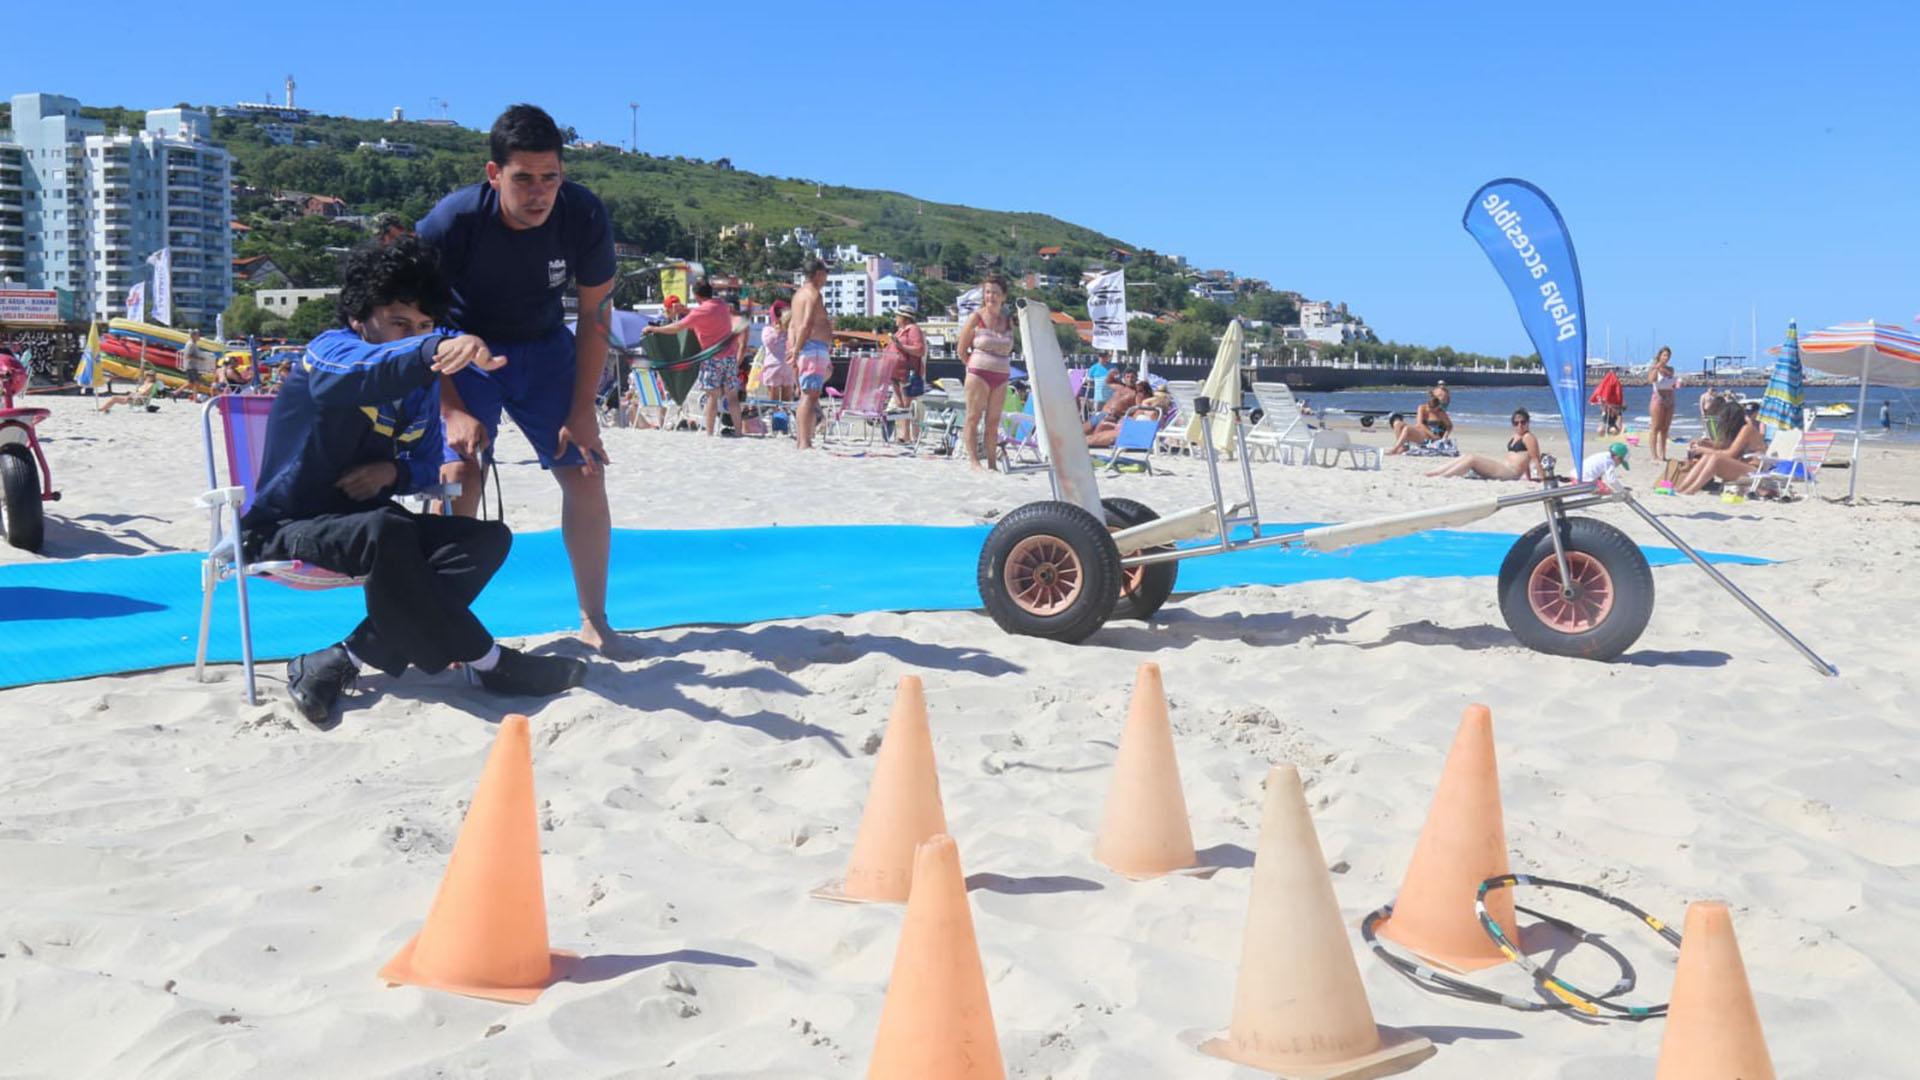 Además del ingreso al mar, también hay juegos recreativos. Estará abierta todos los días durante la temporada en horarios donde baja exposición solar: de 7 a 11:30 y de 16 a 20:30